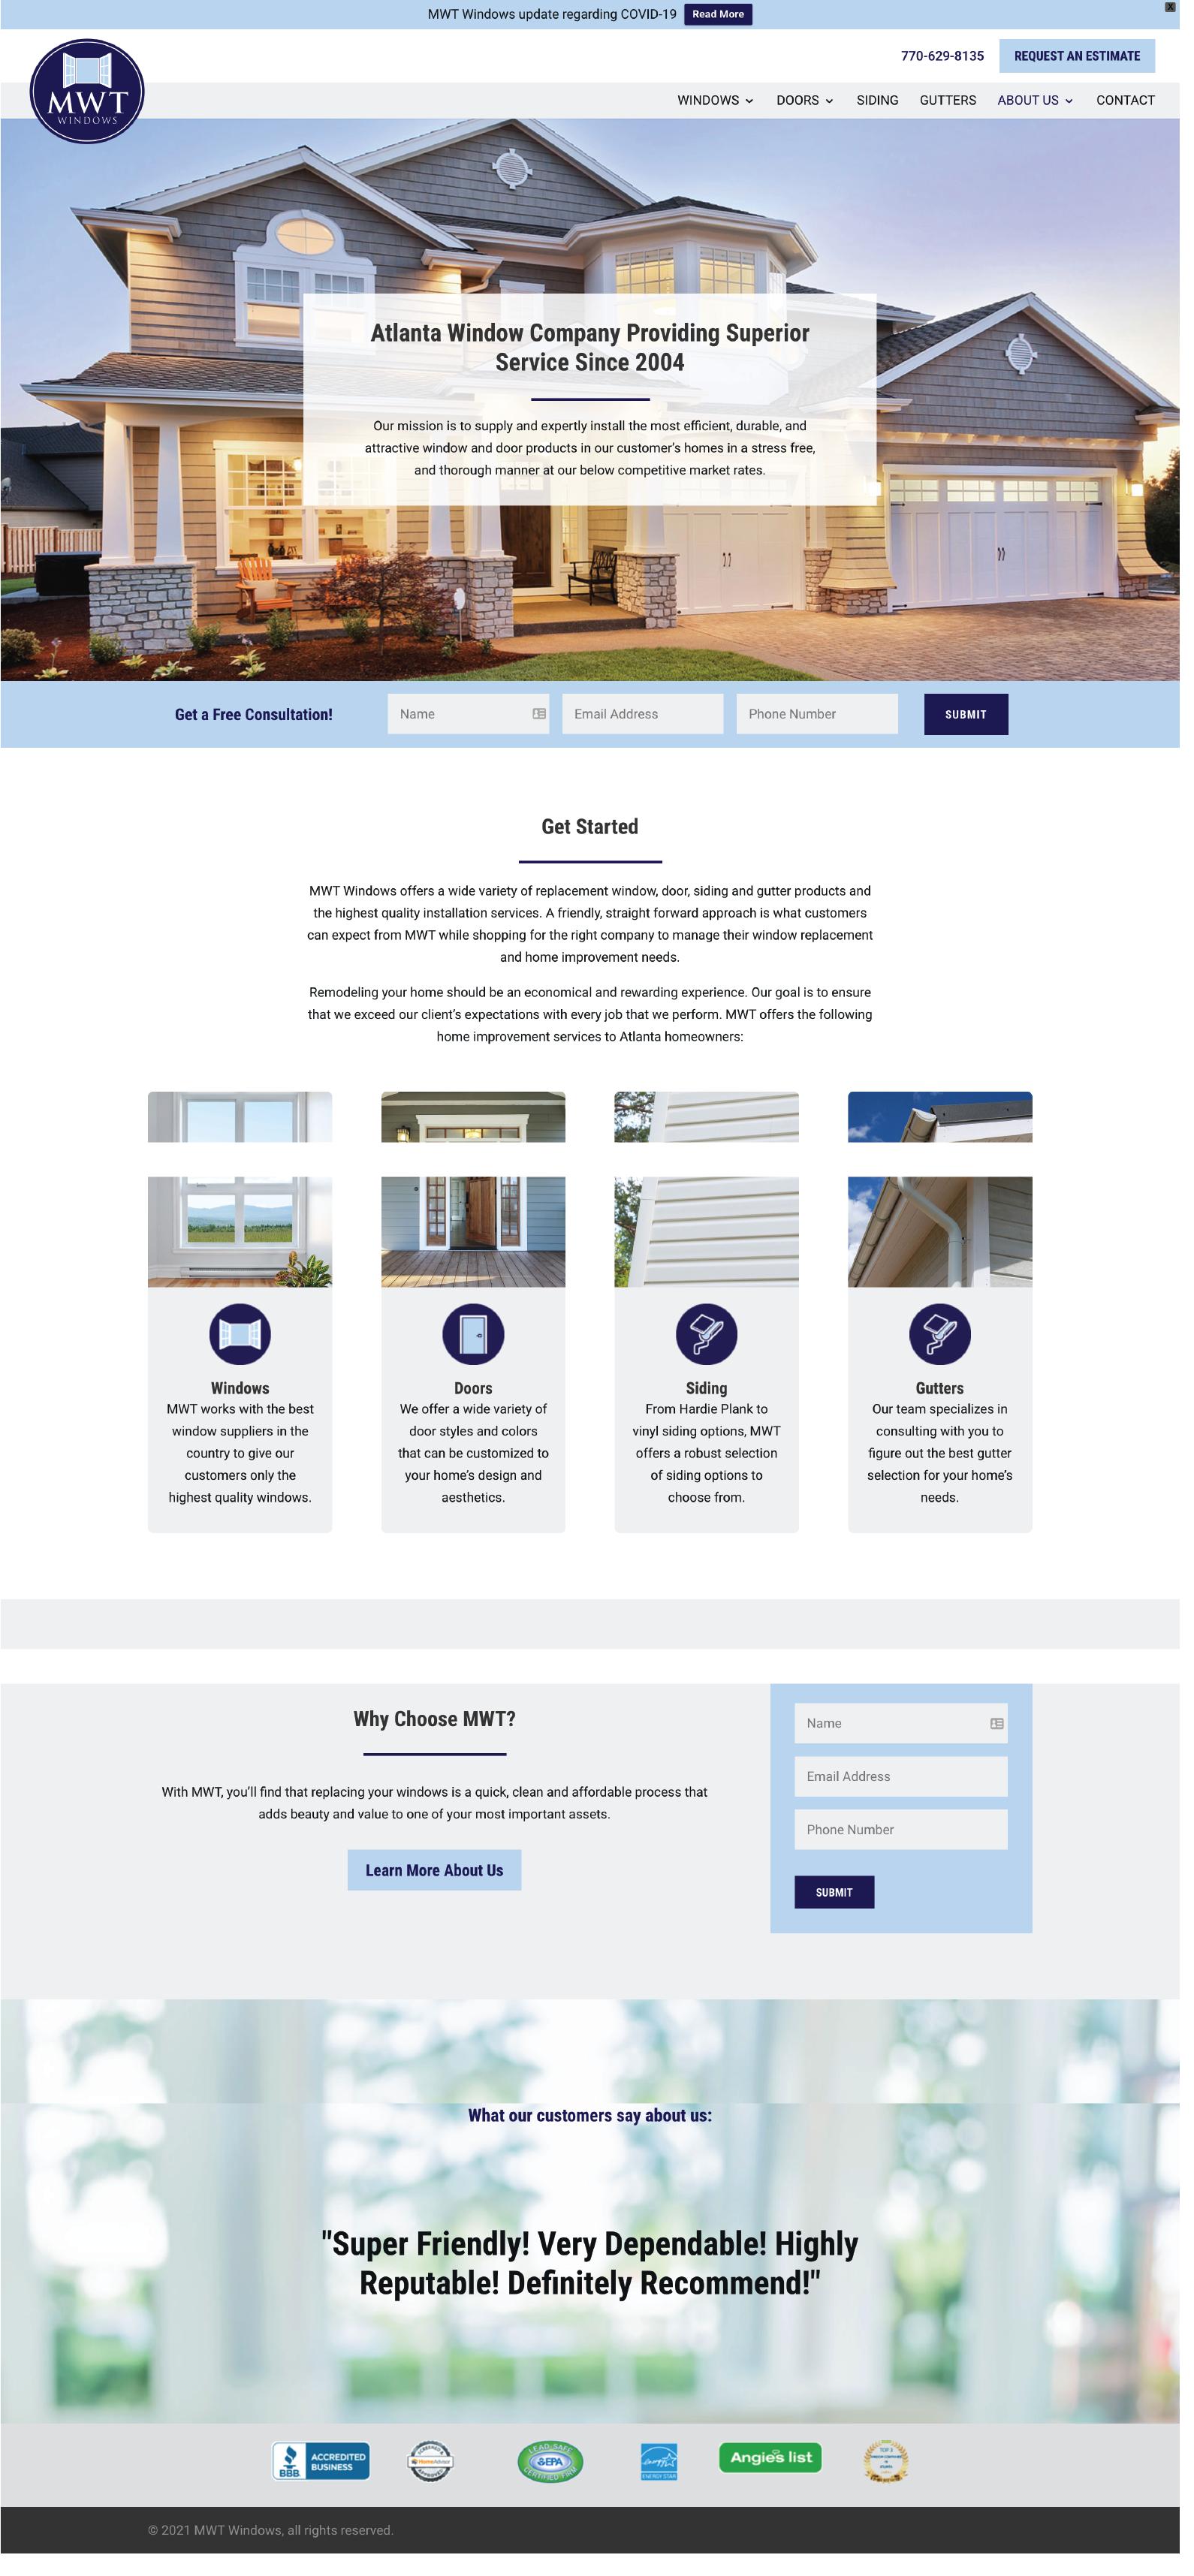 Windows and Doors Contractor Website Design Example from MWF Windows and Doors